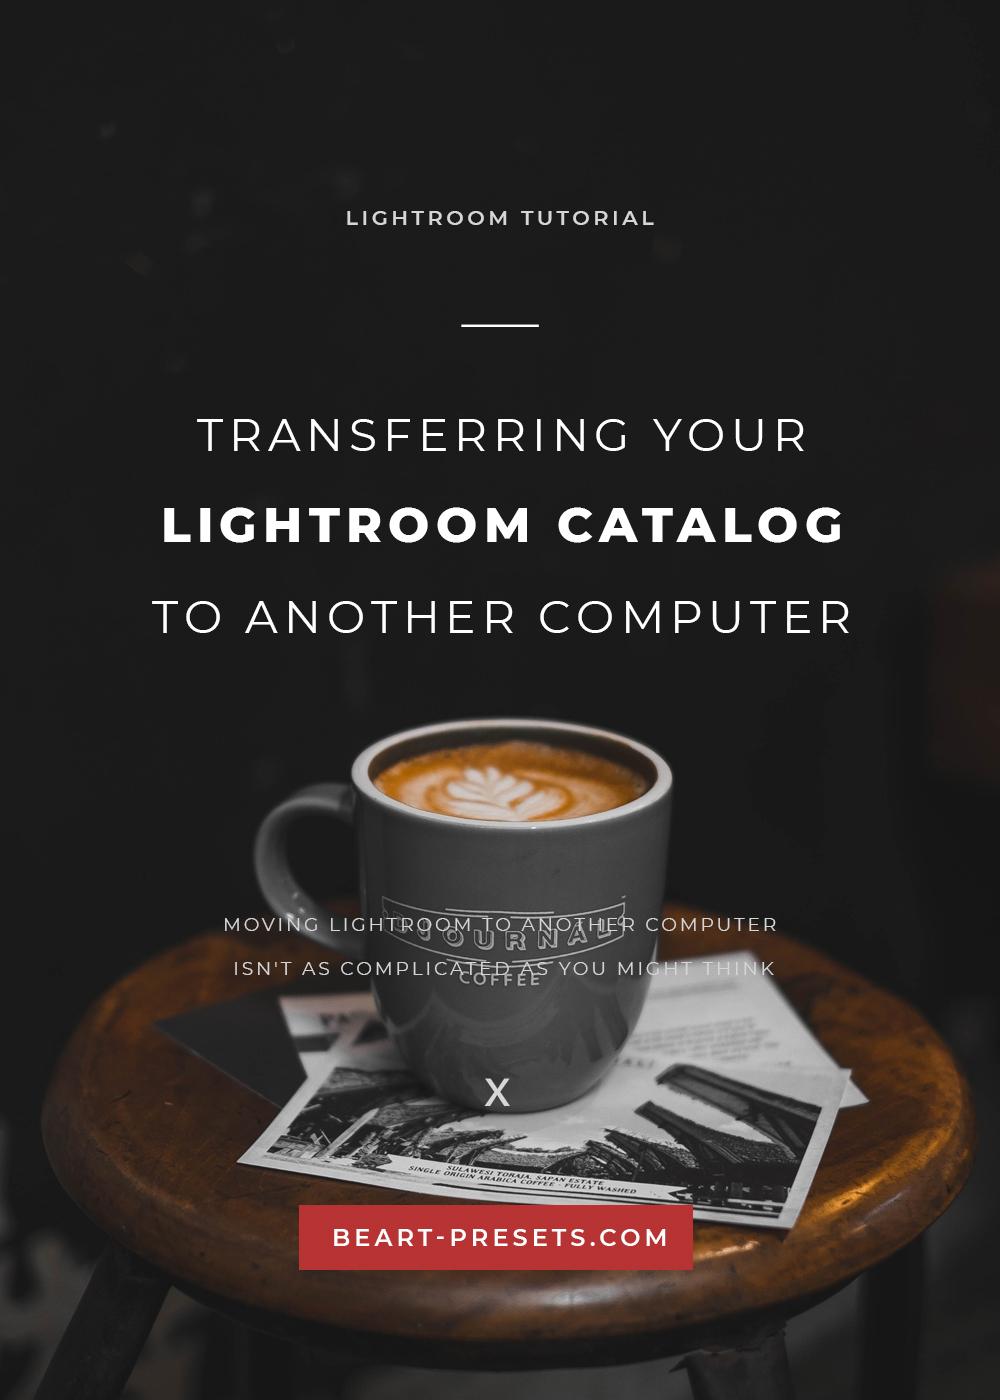 TRANSFERRING LIGHTROOM CATALOG